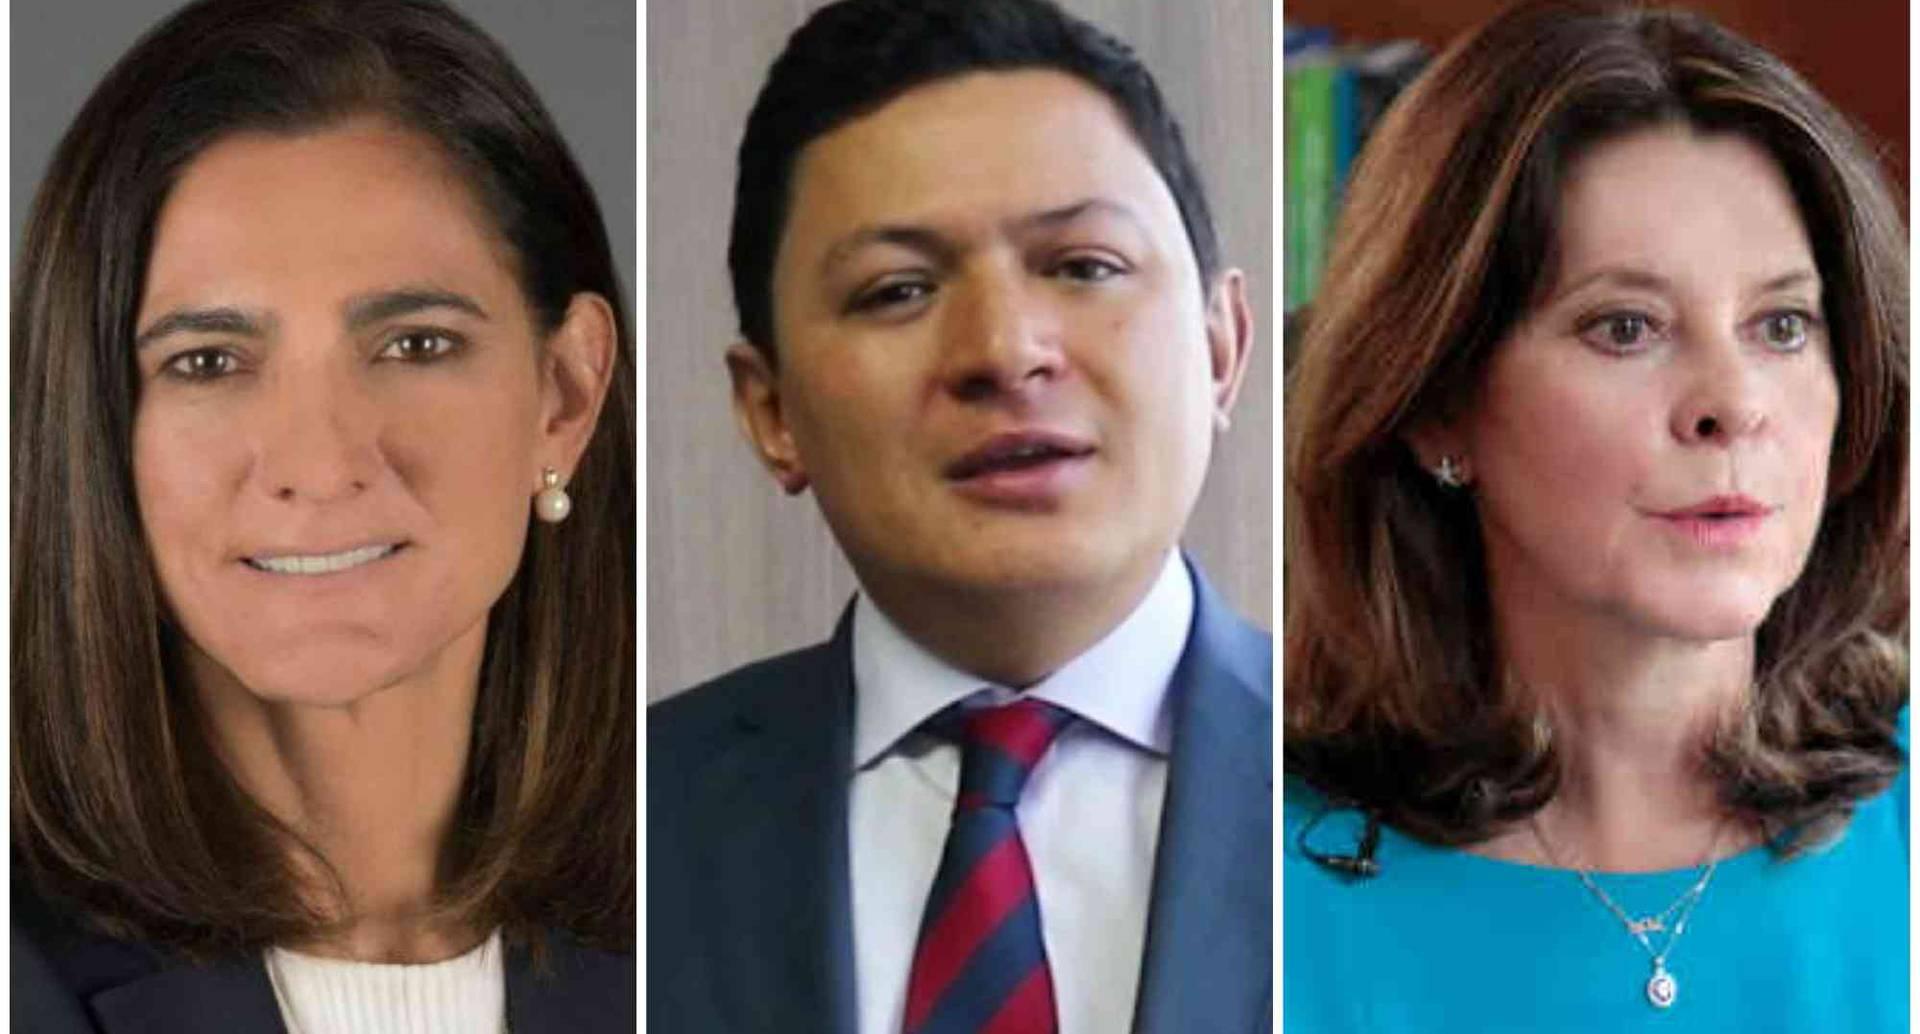 La ministra de Transporte, Ángela María Orozco; el nuevo consejero vicepresidencial Juan Camilo Ostos, y la vicepresidenta, Martha Lucía Ramírez.